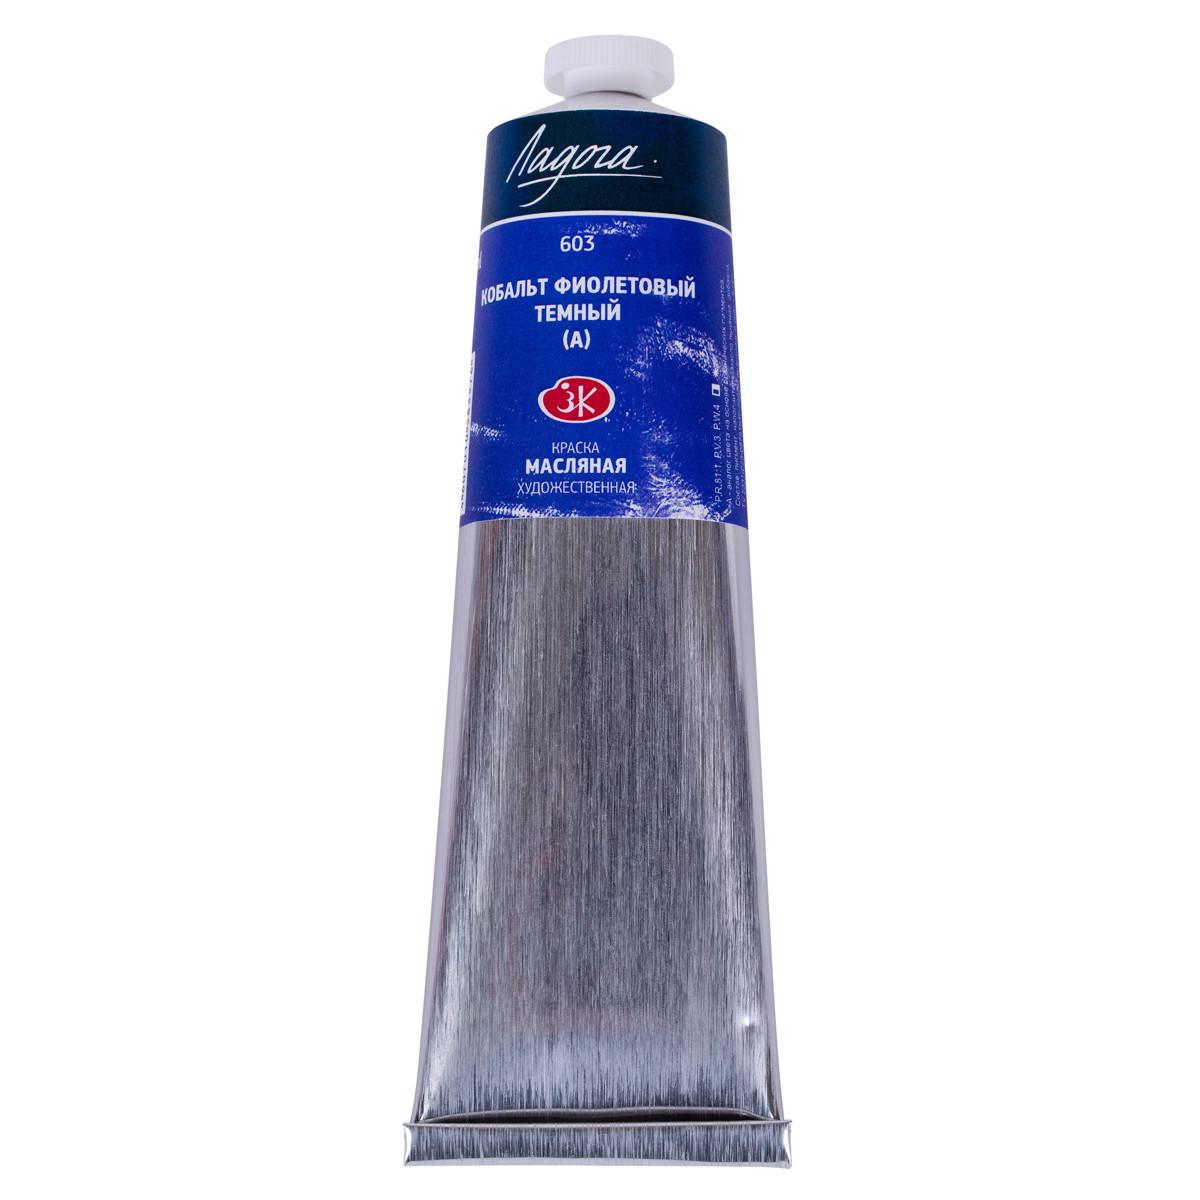 Краска масляная ЛАДОГА кобальт фиолетовый темный (А), 120мл ЗХК